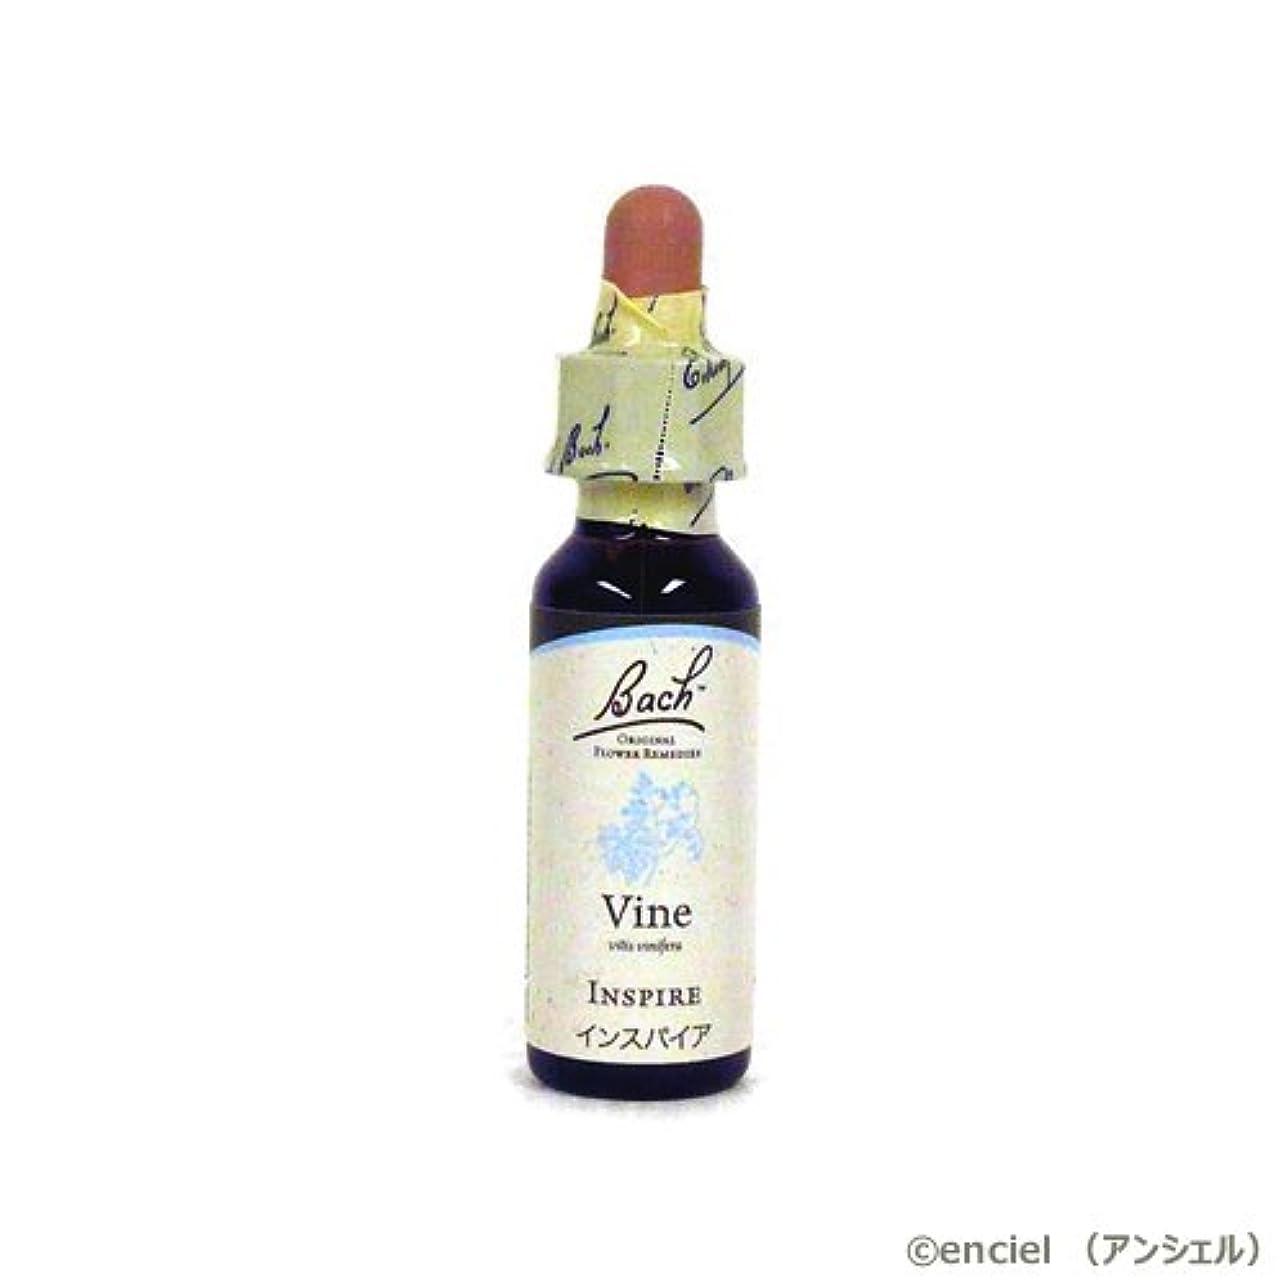 ゲージ治安判事ディレイバッチフラワー レメディ バイン(VINE) 10ml グリセリンタイプ 日本国内正規品